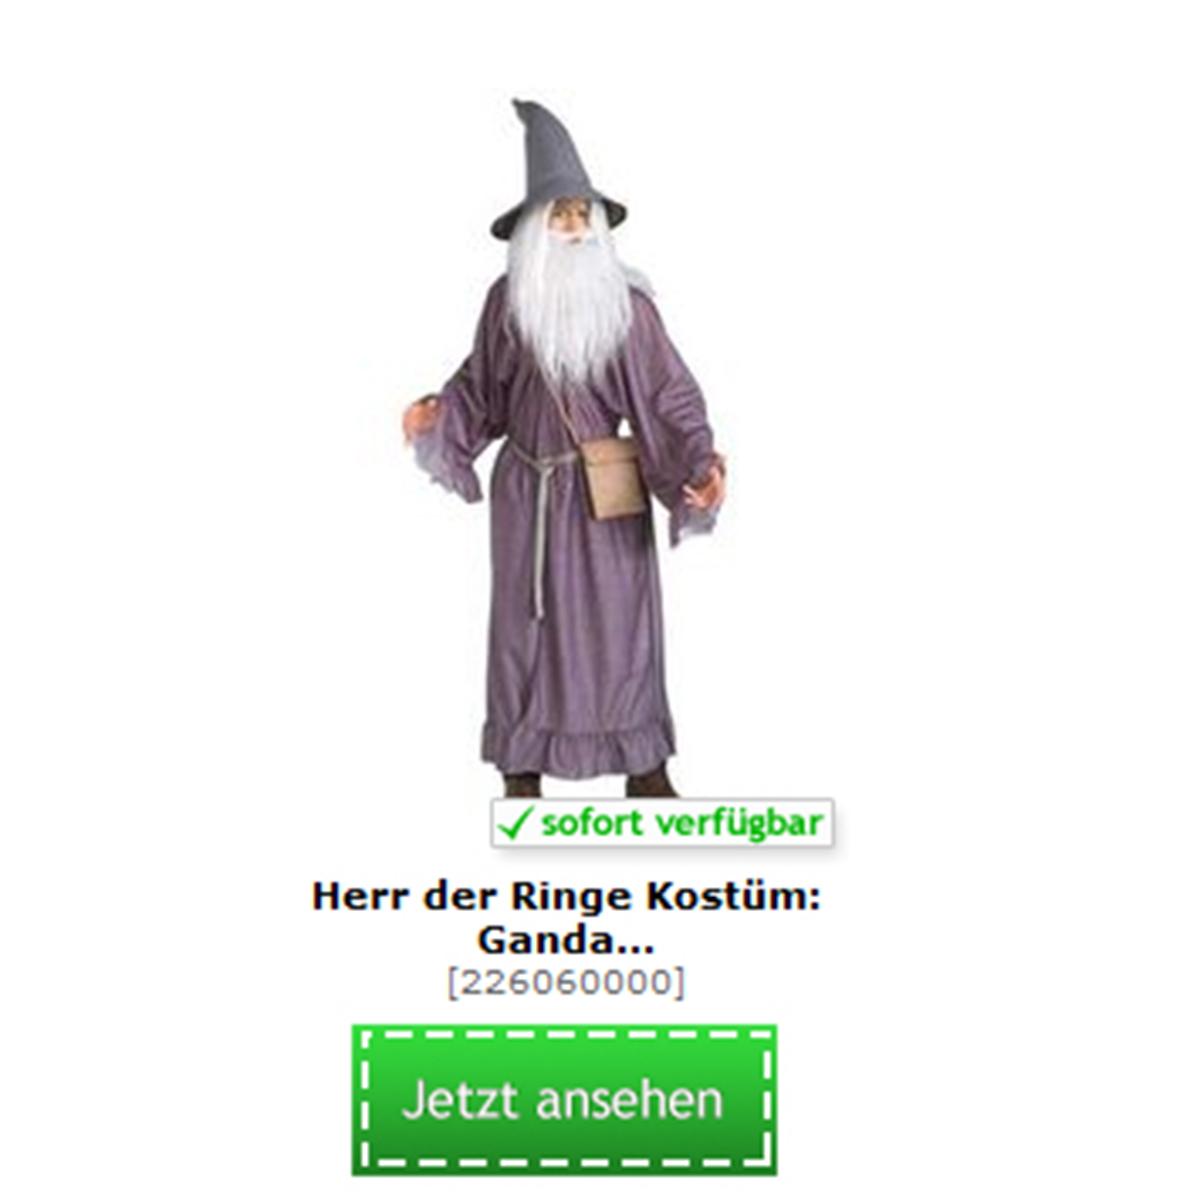 Kostüm von Gandalf aus Herr der Ringe und der Hobbit